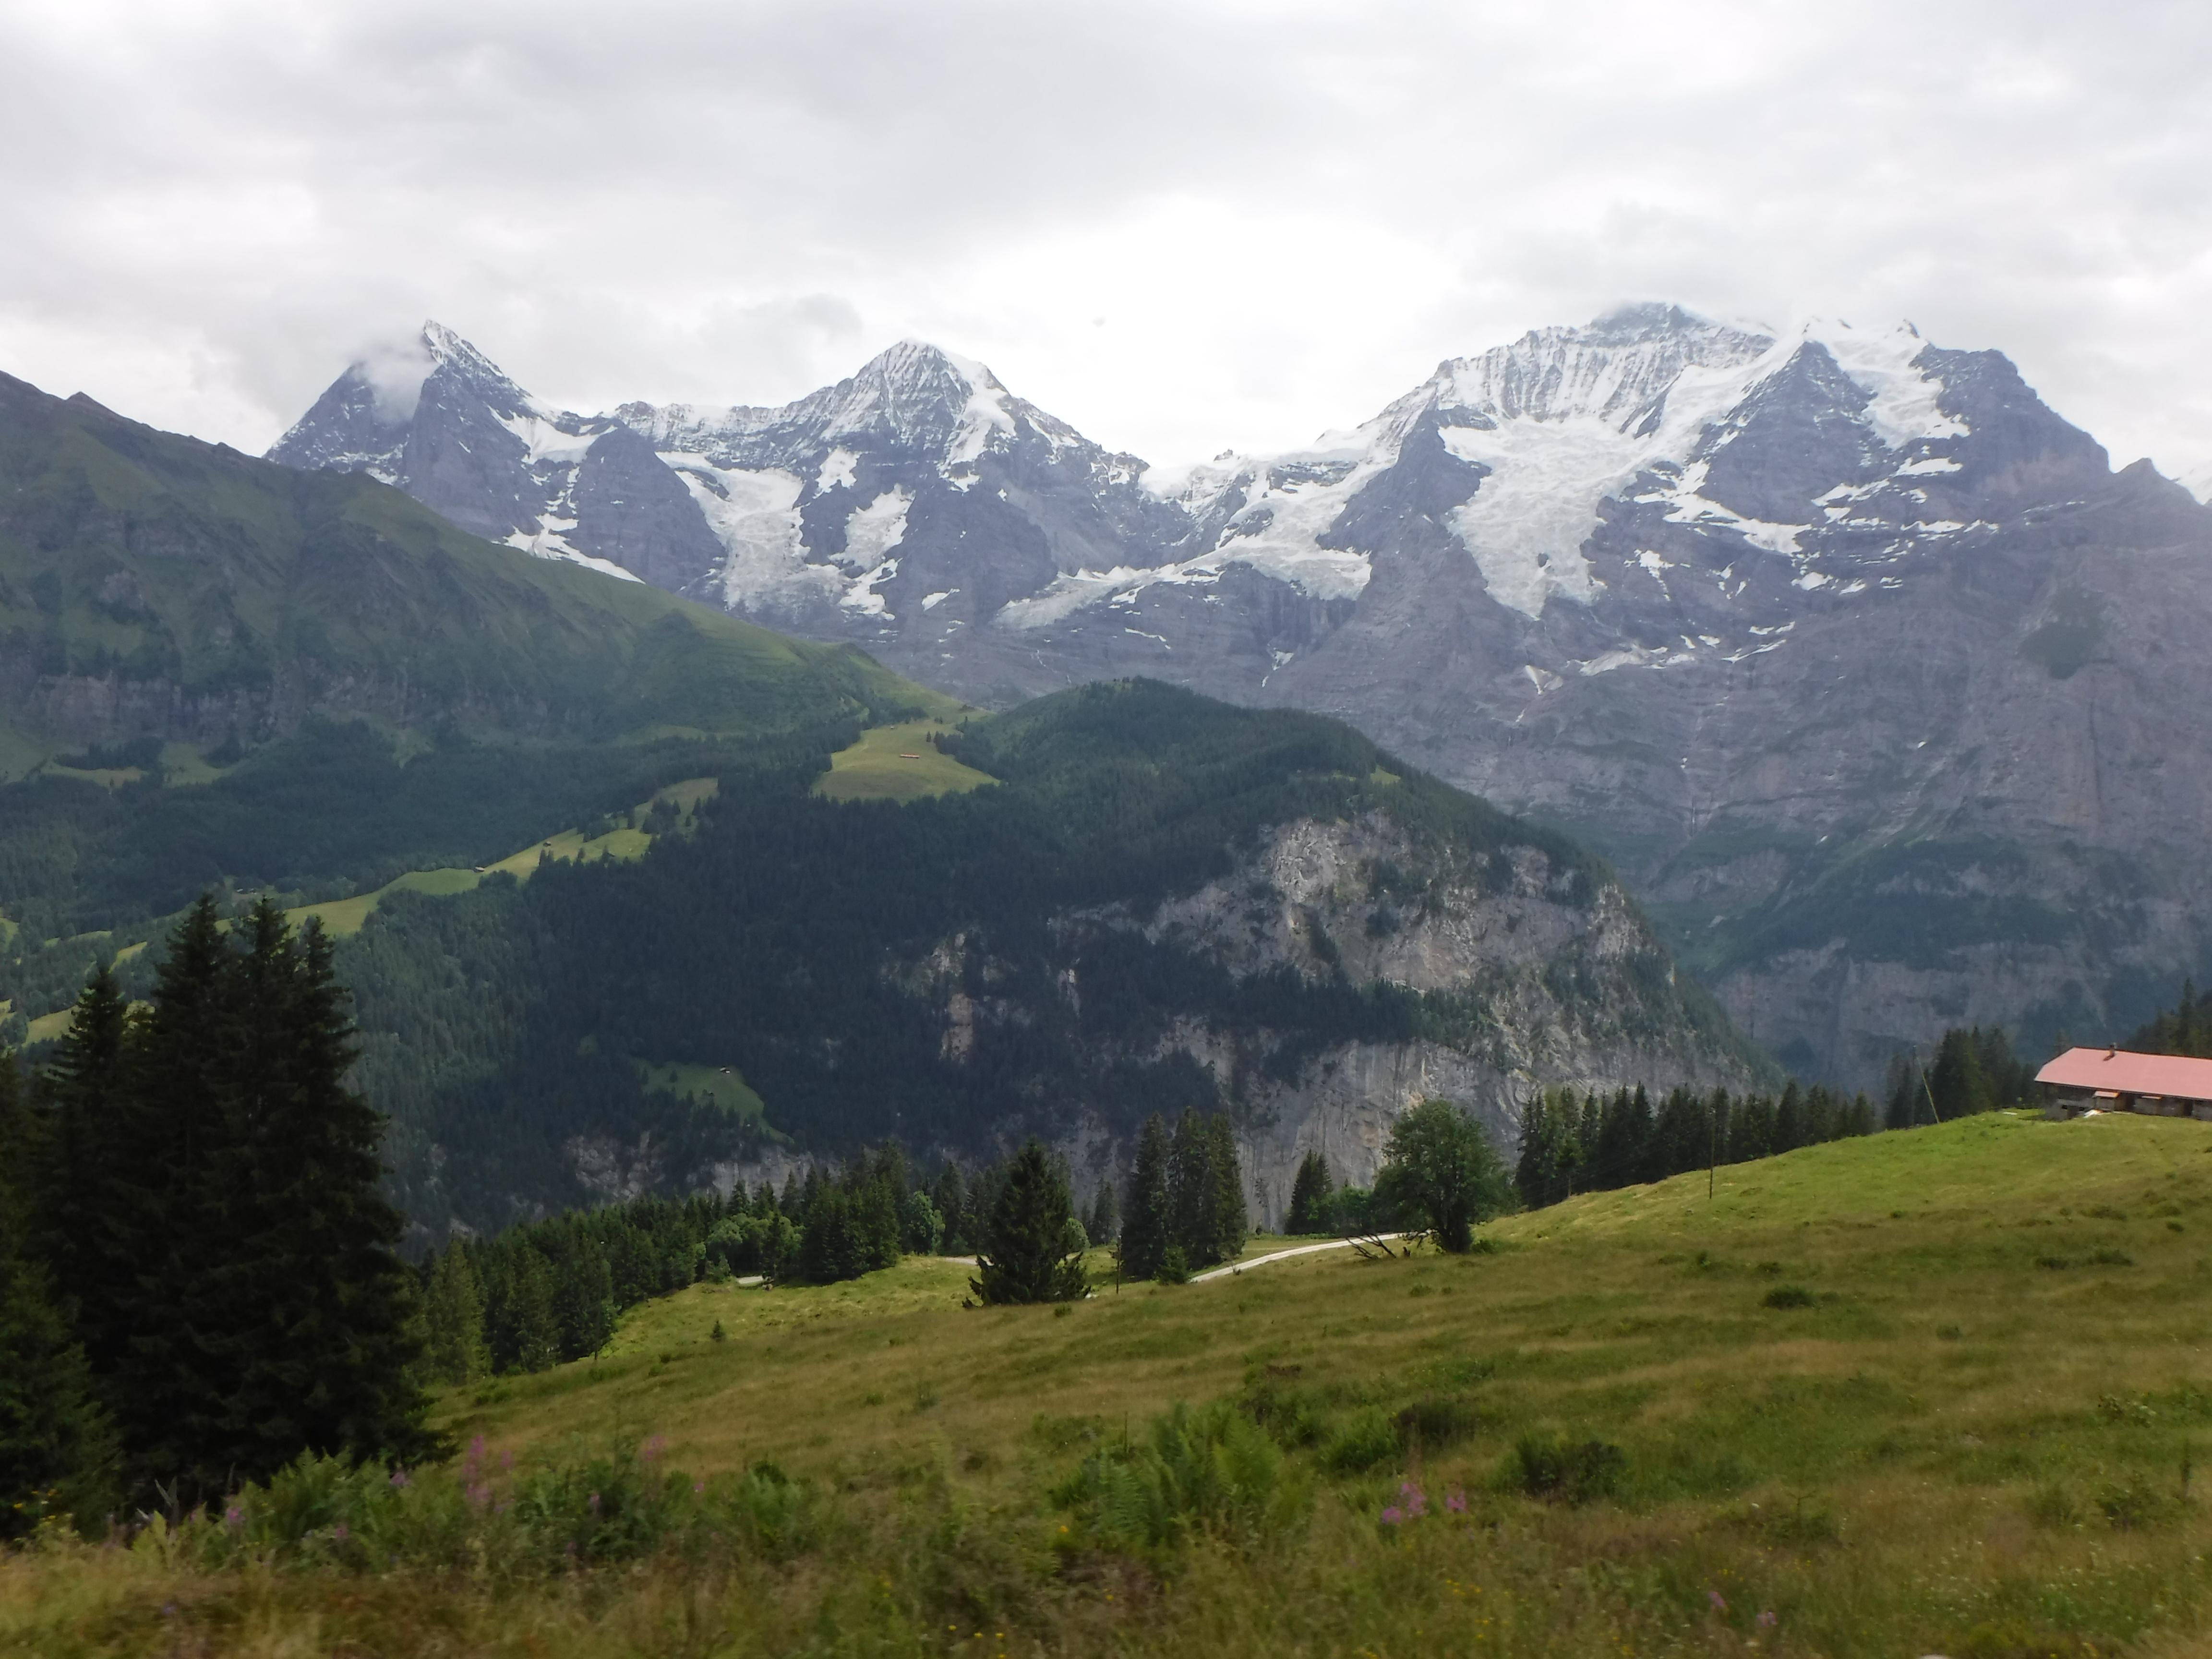 DSCF3724 & Switzerland \u2013 jc path to the marathon